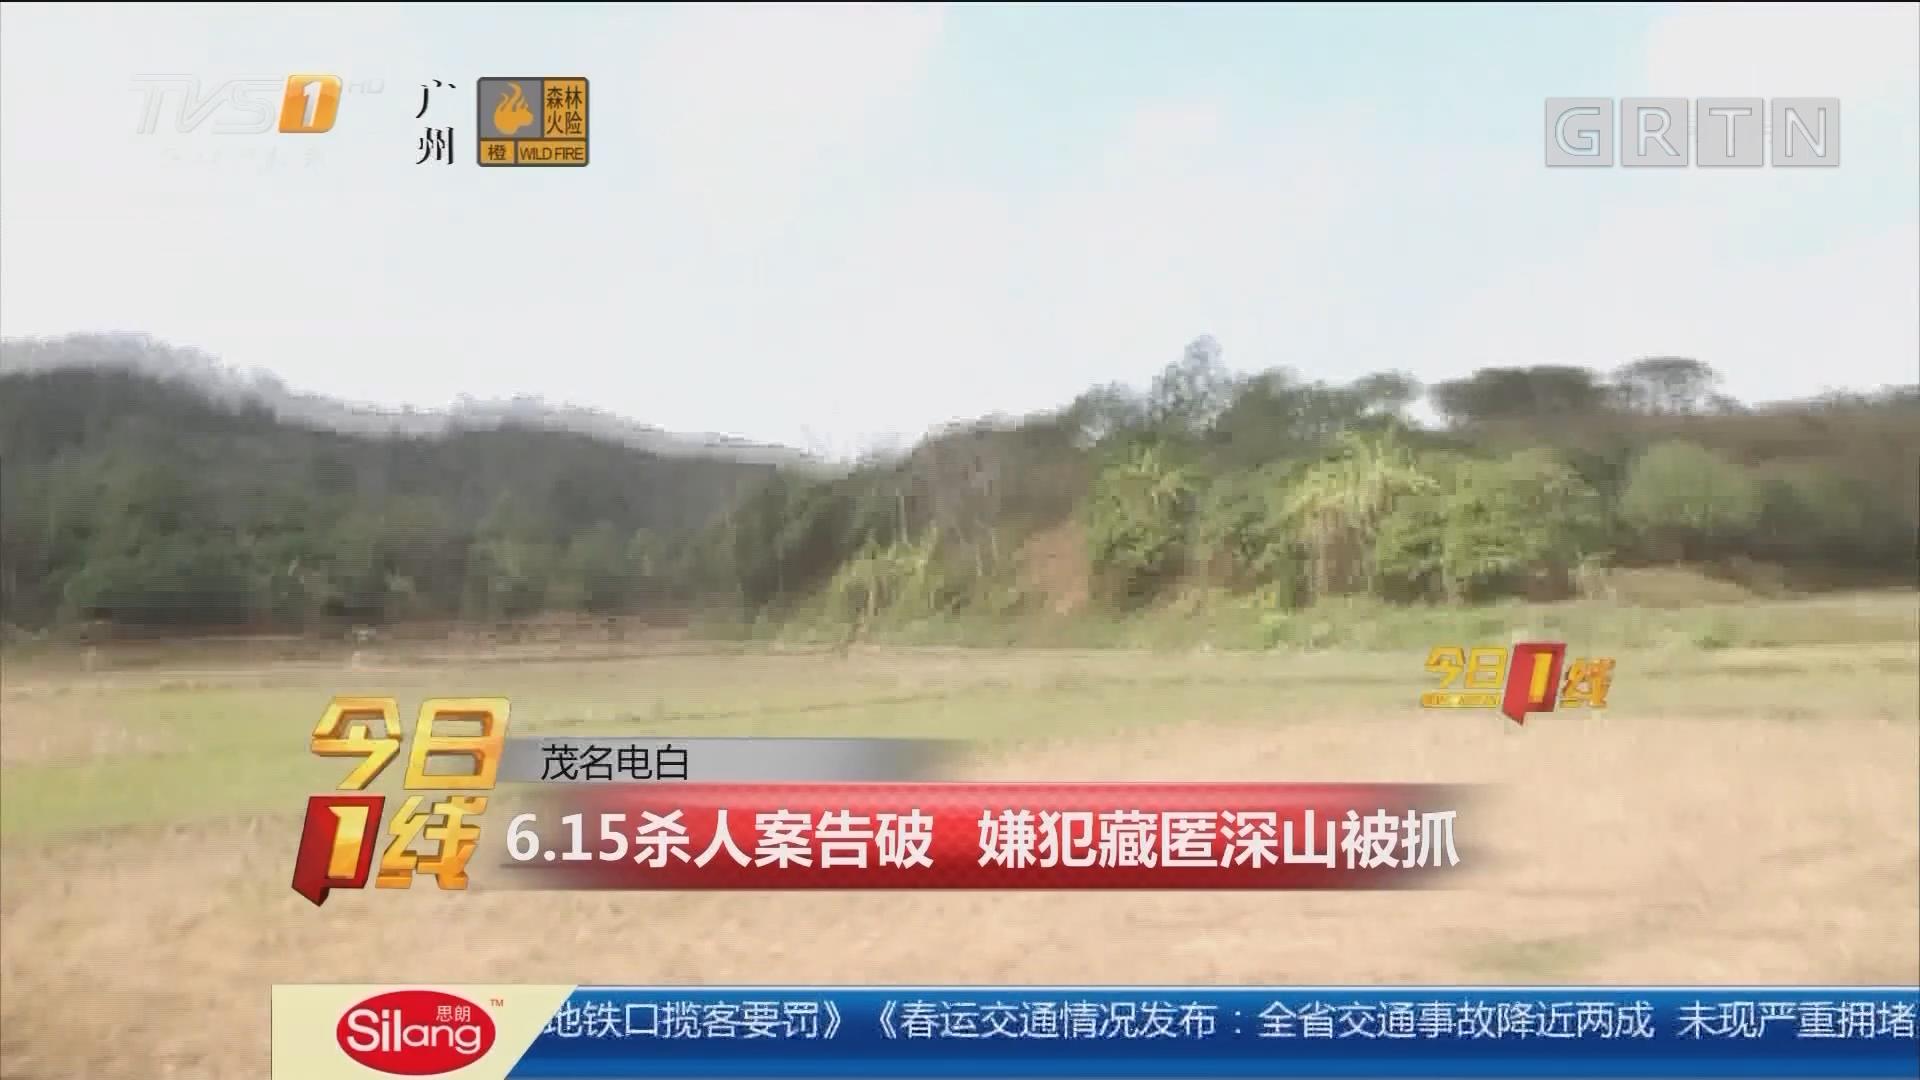 茂名电白:6.15杀人案告破 嫌犯藏匿深山被抓